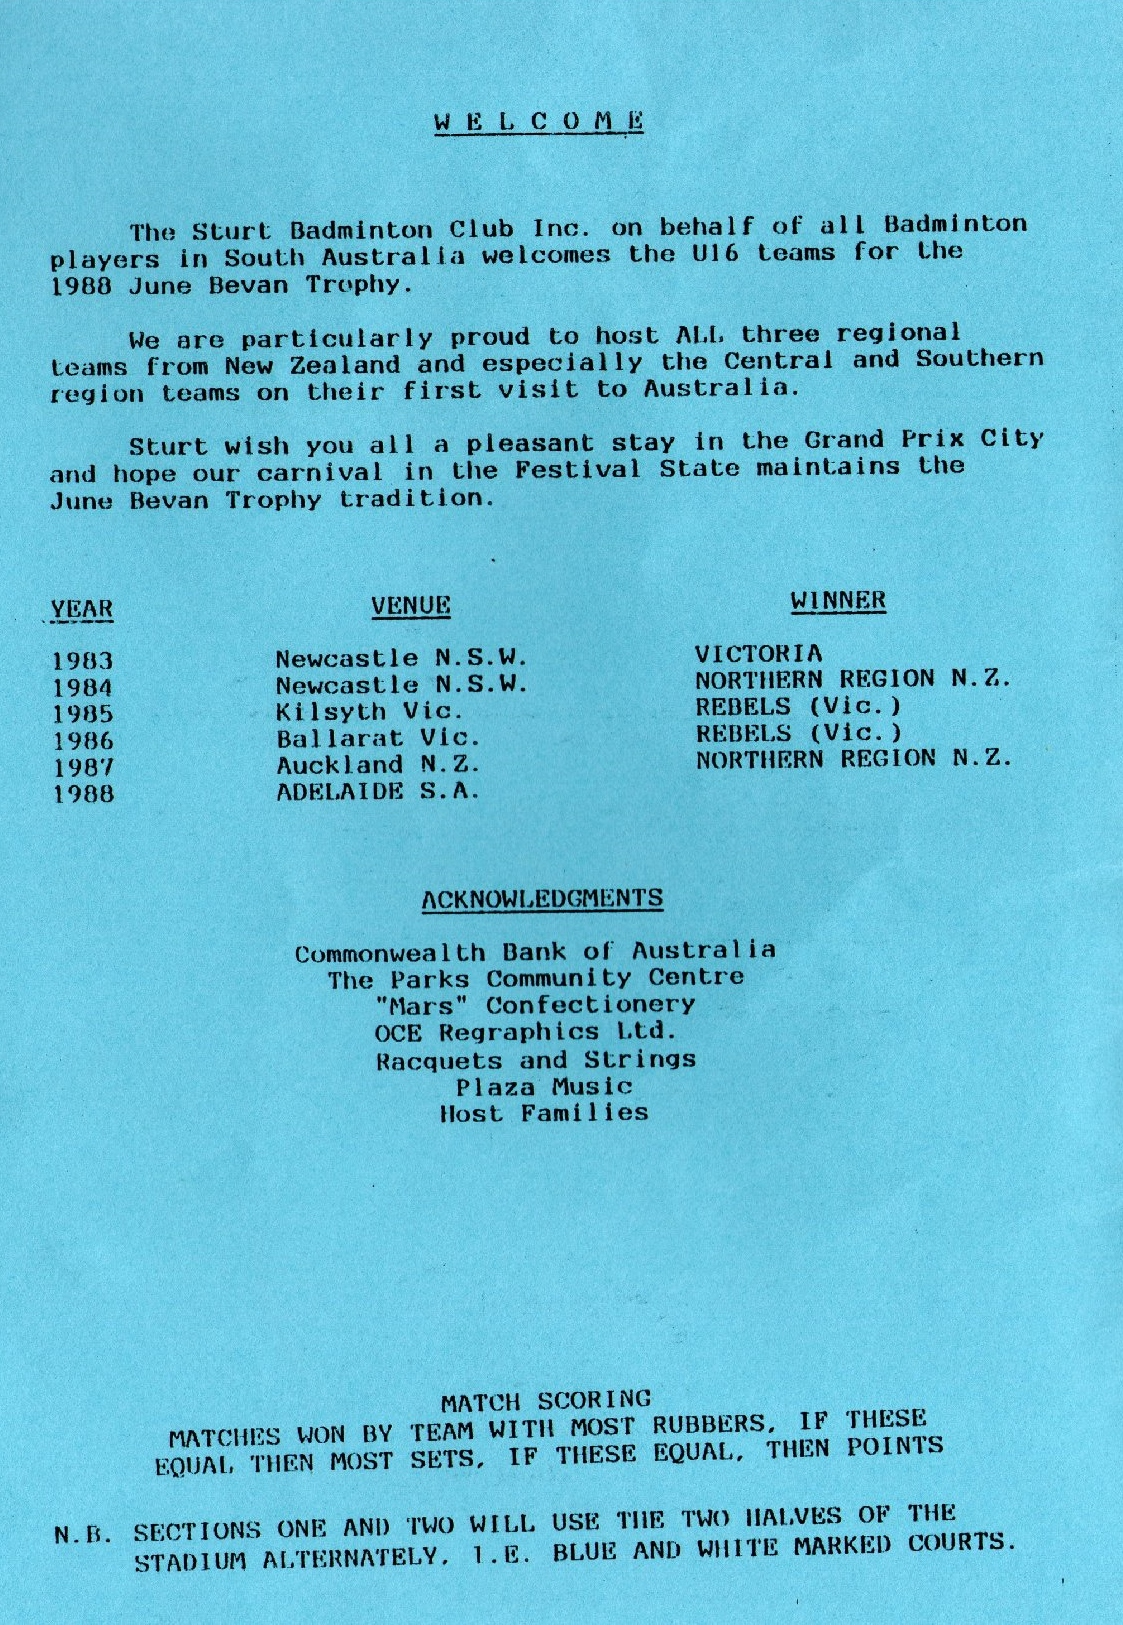 1988 June Bevan Trophy program